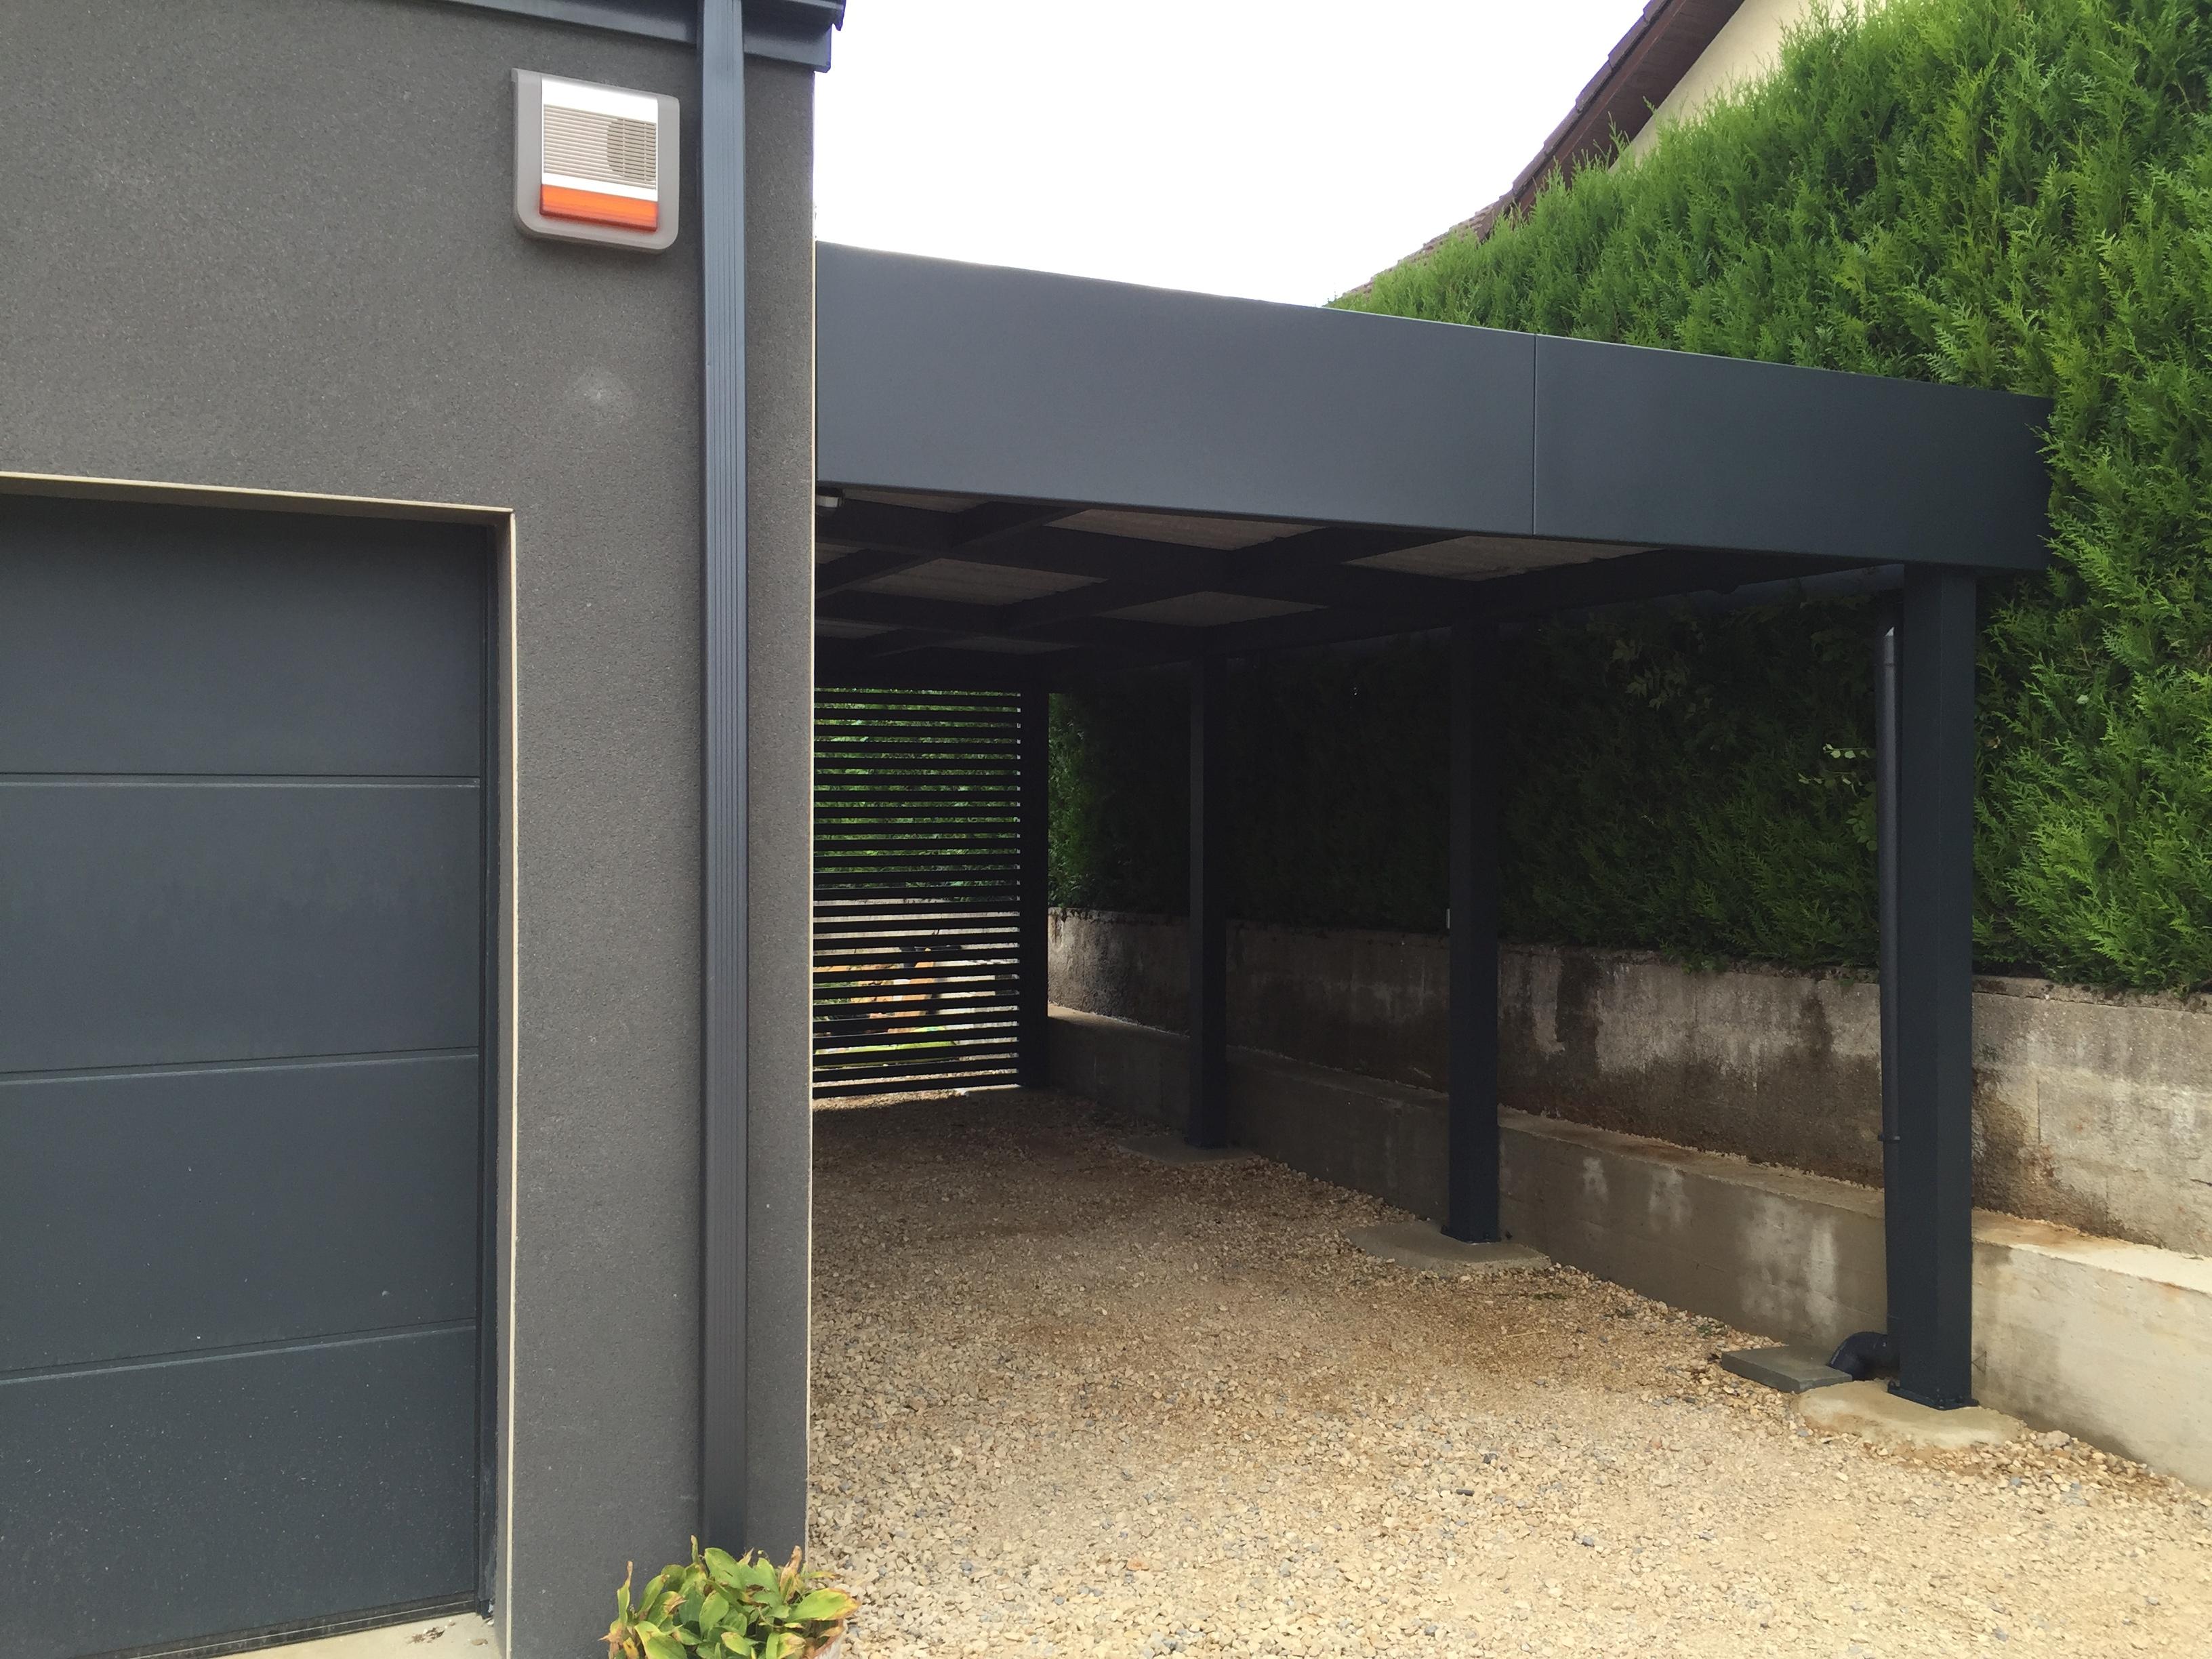 Le Carport Aluminium De La Semaine - Carport pour Abri Aluminium Sur Mesure